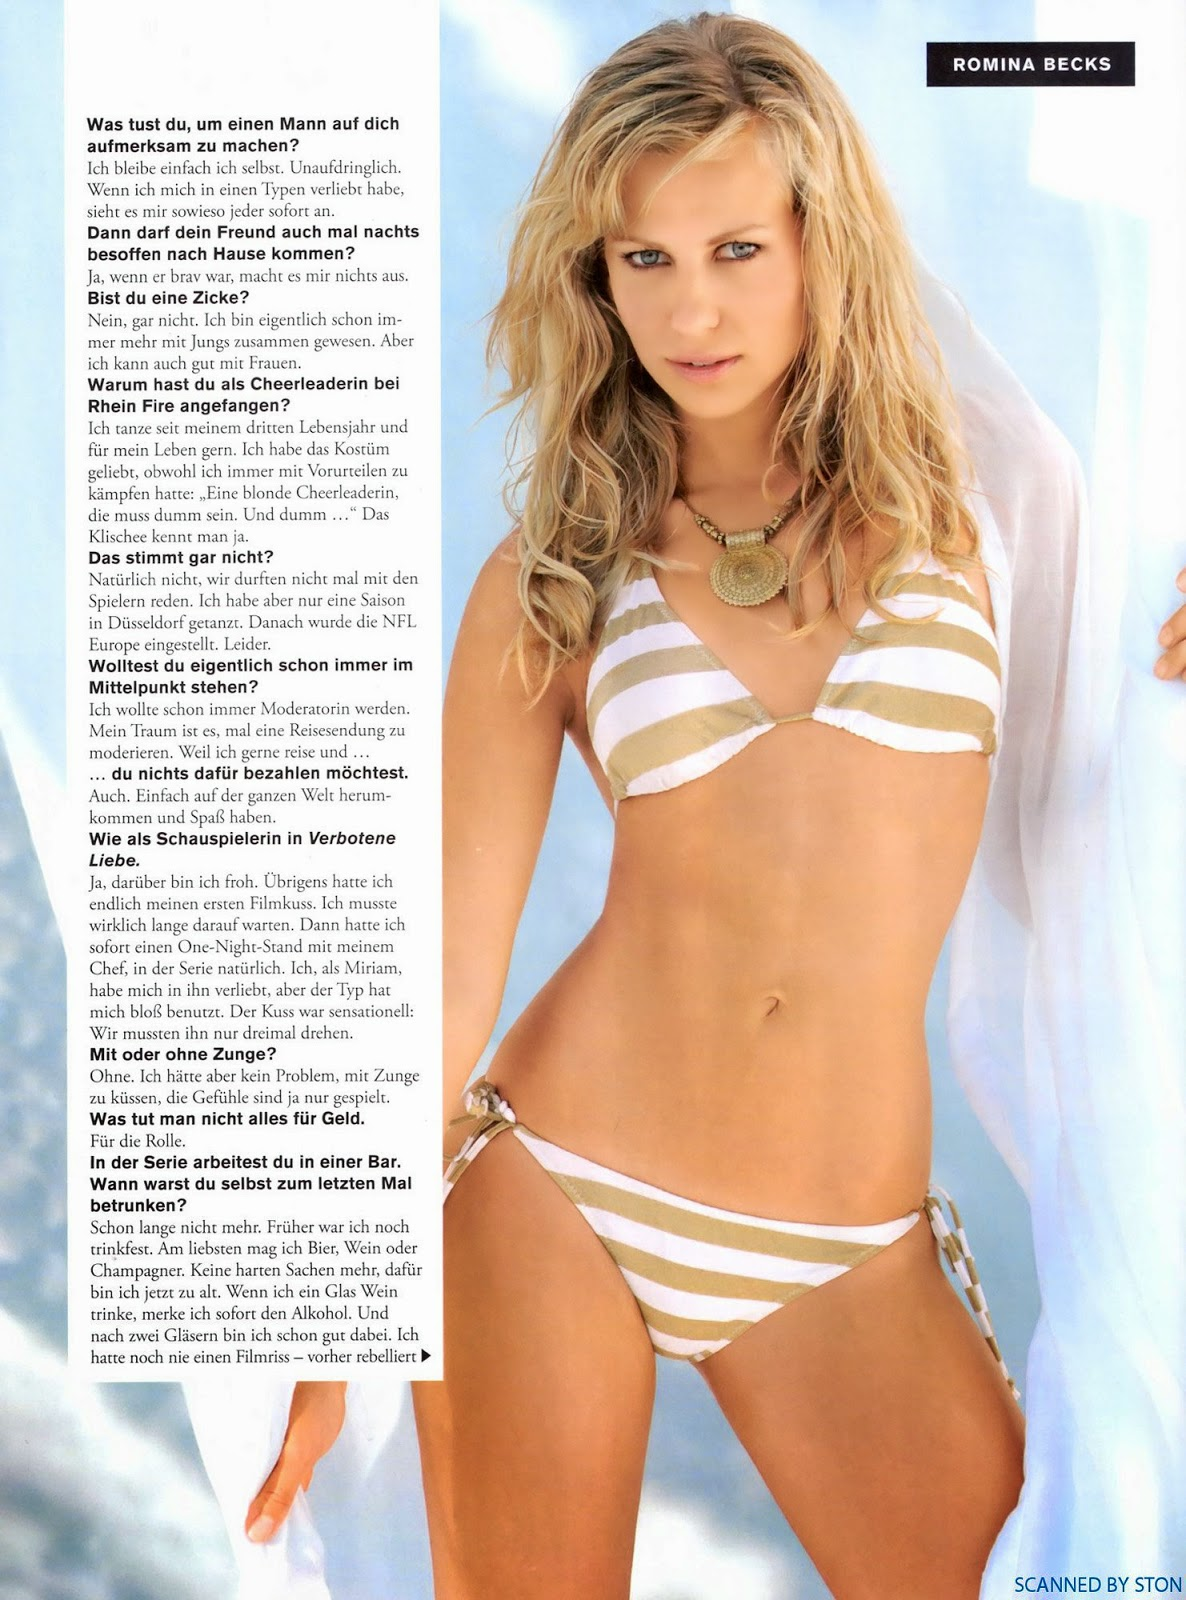 Nackt Bilder : Romina Becks FHM Naked Pics   nackter arsch.com